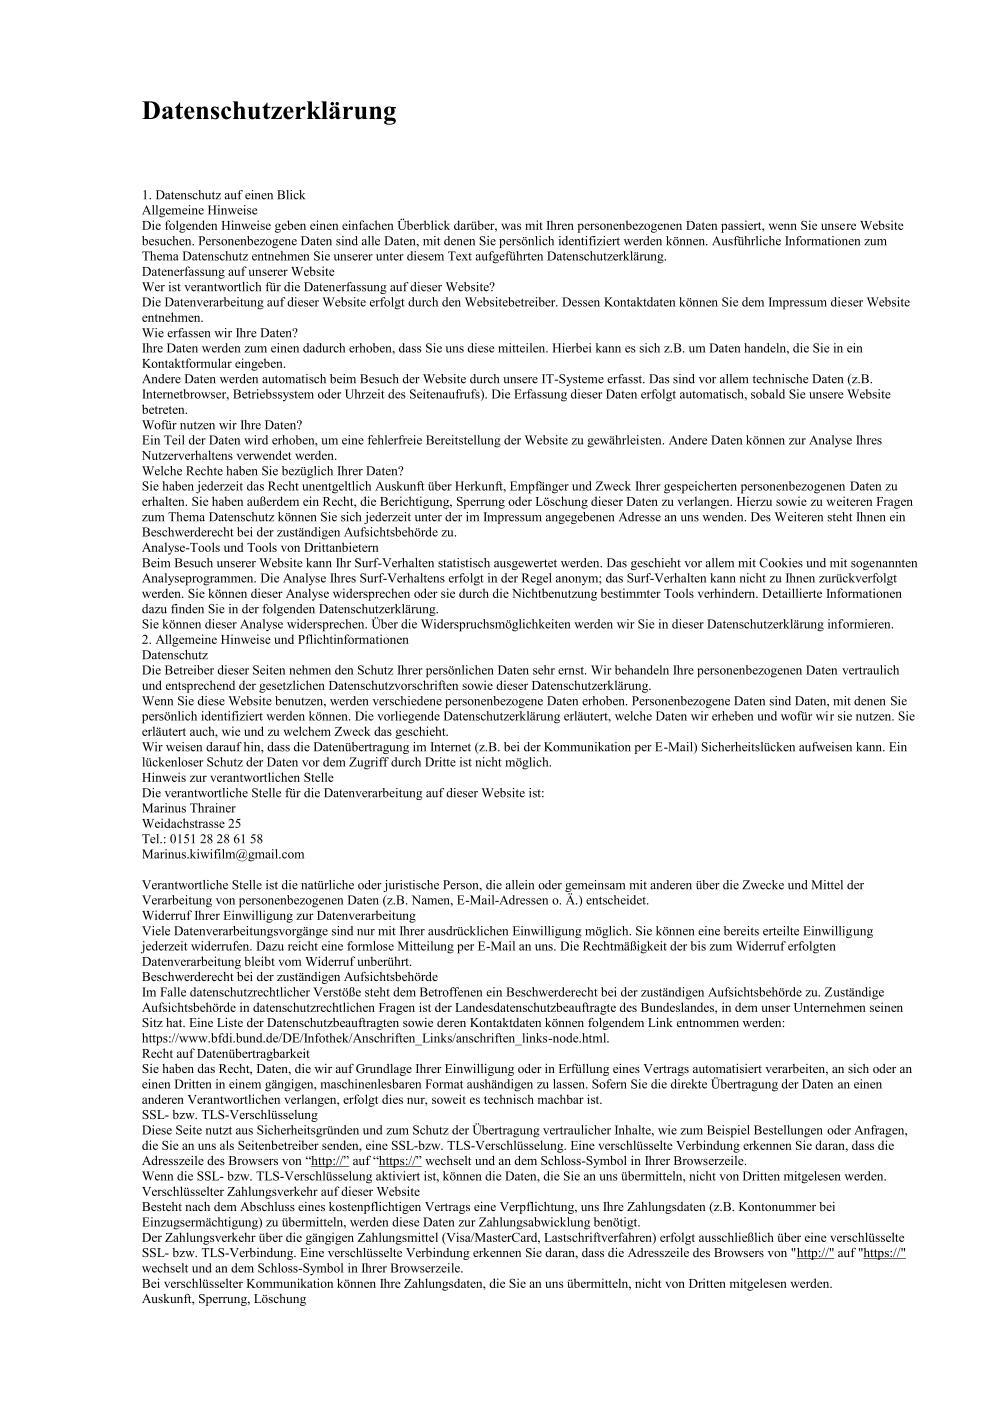 Datenschutzerklärung_01